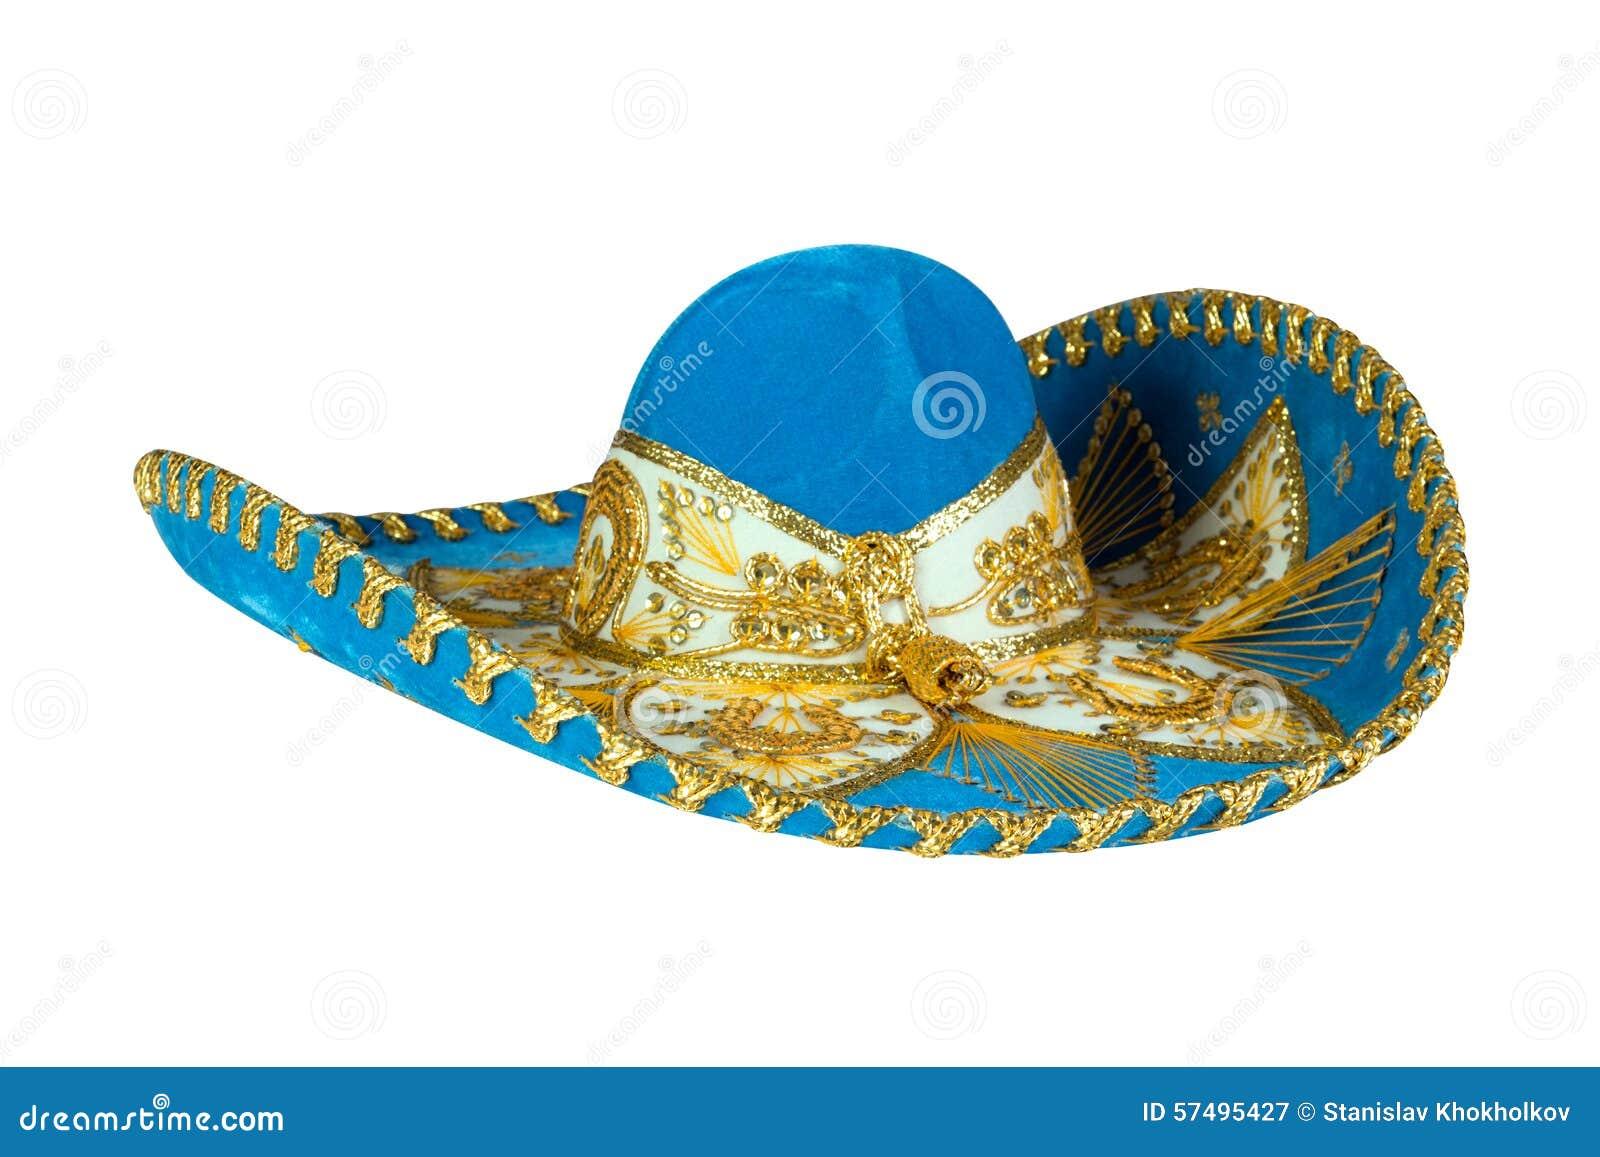 b8236b6af7d97 Sombrero Mexicano Azul Aislado En Blanco Imagen de archivo - Imagen ...